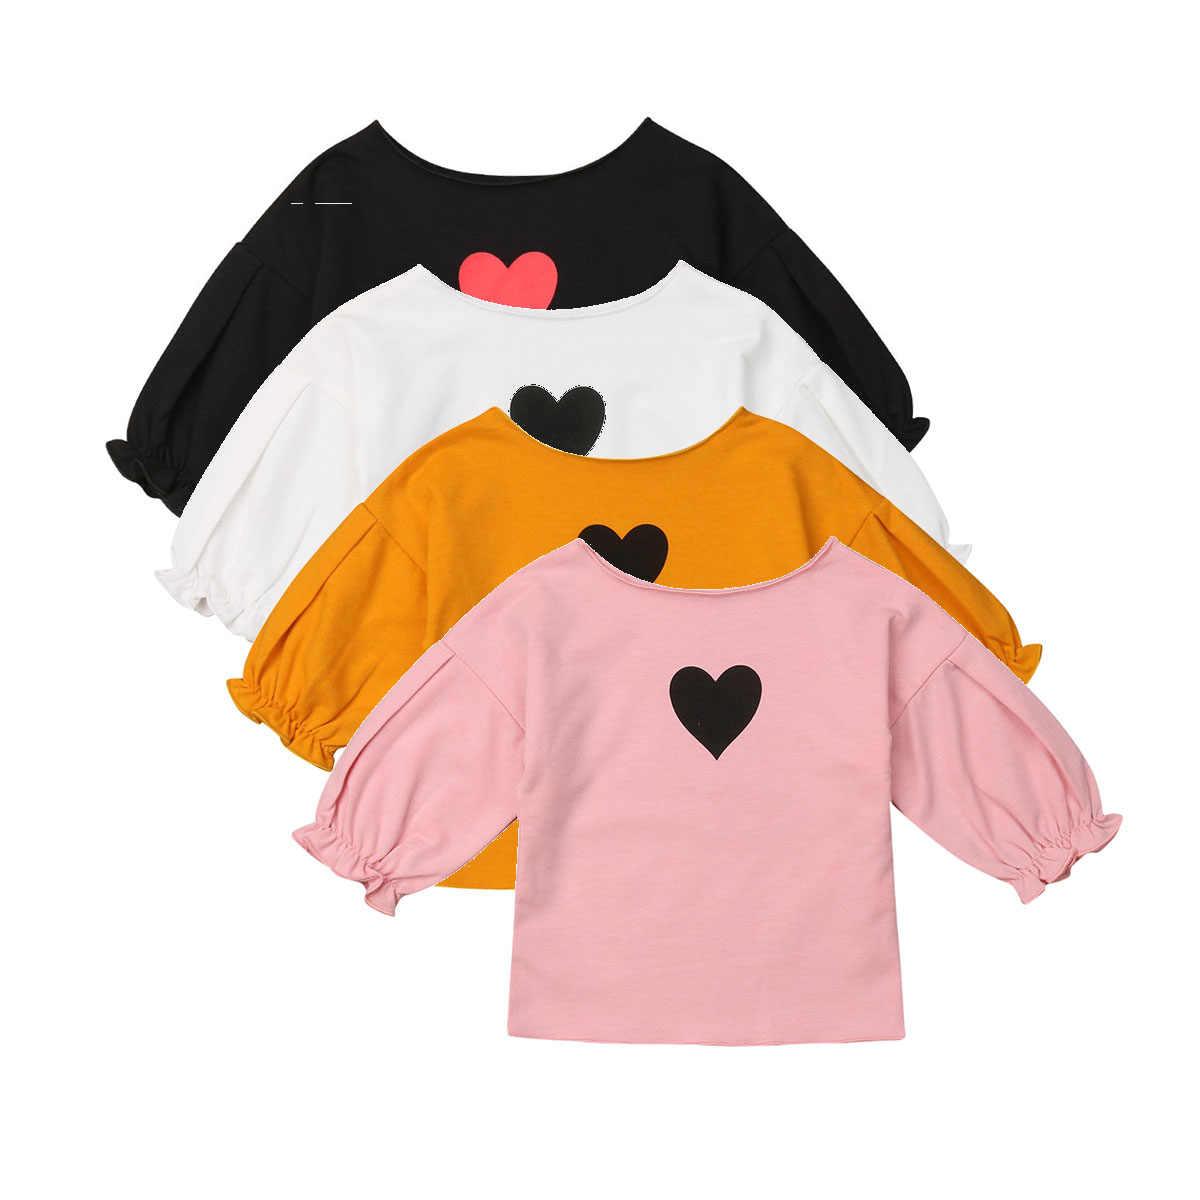 Toddler Trẻ Sơ Sinh Kid Bé Trái Tim Cô Gái In T-Shirt Dài Tay Áo Tee Áo Sơ Mi Quần Áo Trang Phục